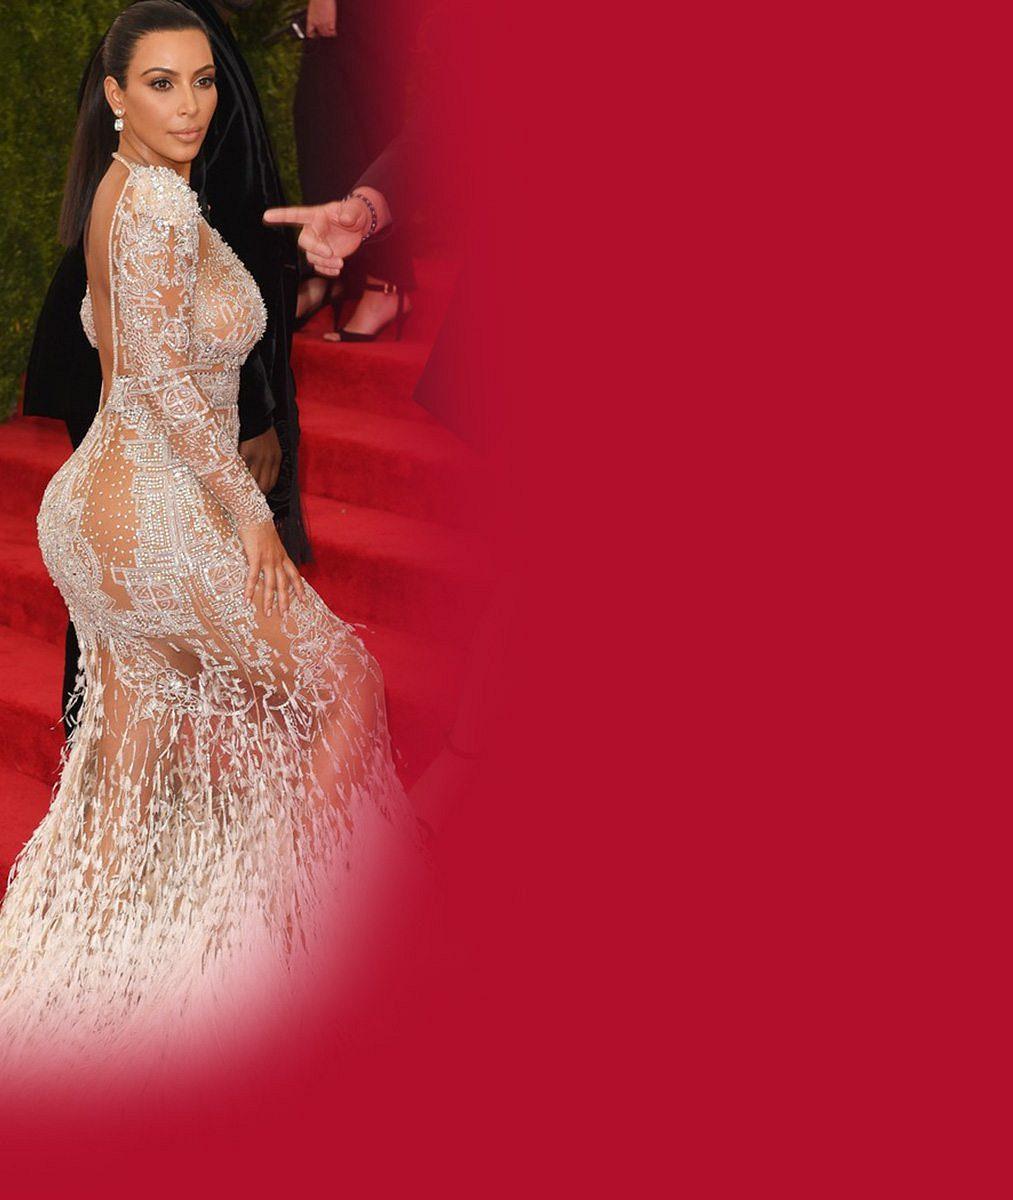 Kim Kardashian se zastínit nenechá: V šatech vojenského stylu vystavila svůj ženský zbrojní arzenál